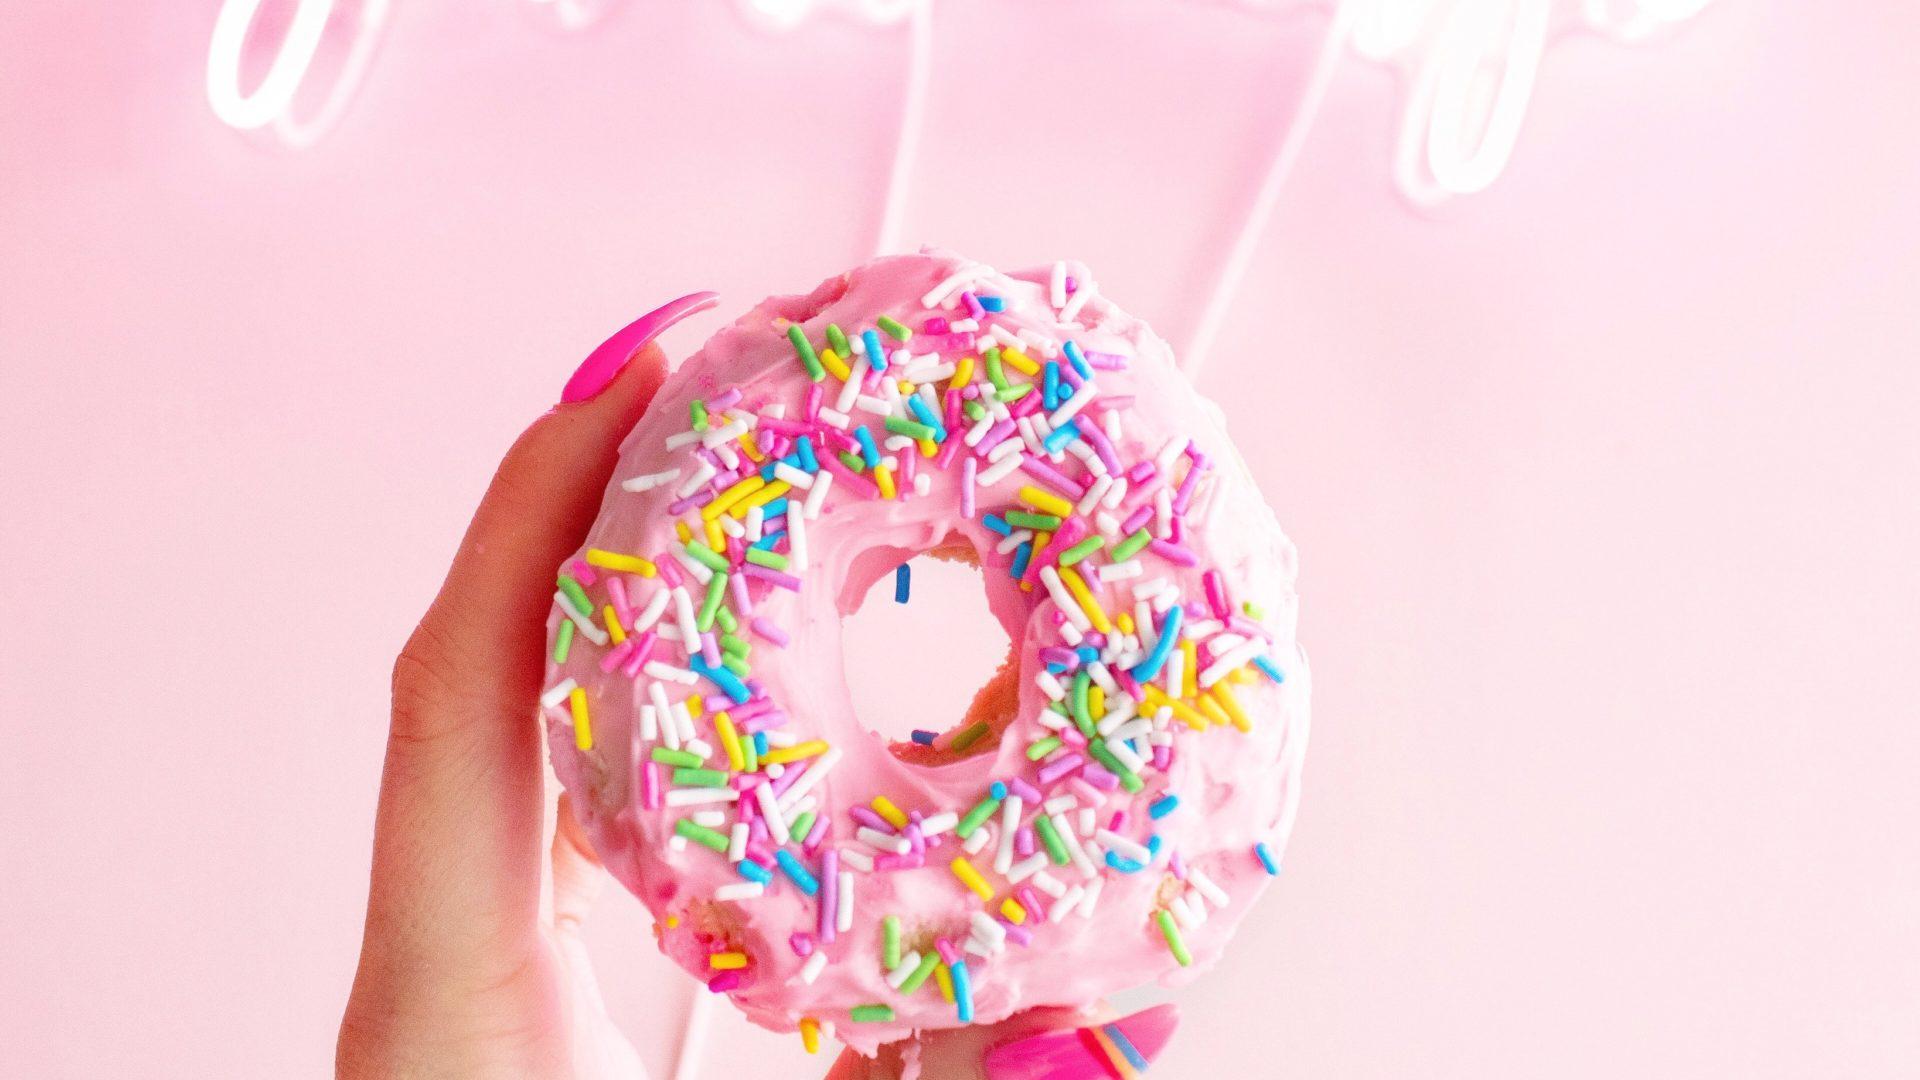 Hand mit pink lackierten Fingernägeln hält Donut mit pinkem Guss und bunten Streuseln. Darüber steht in Neonschrift: You are magic.